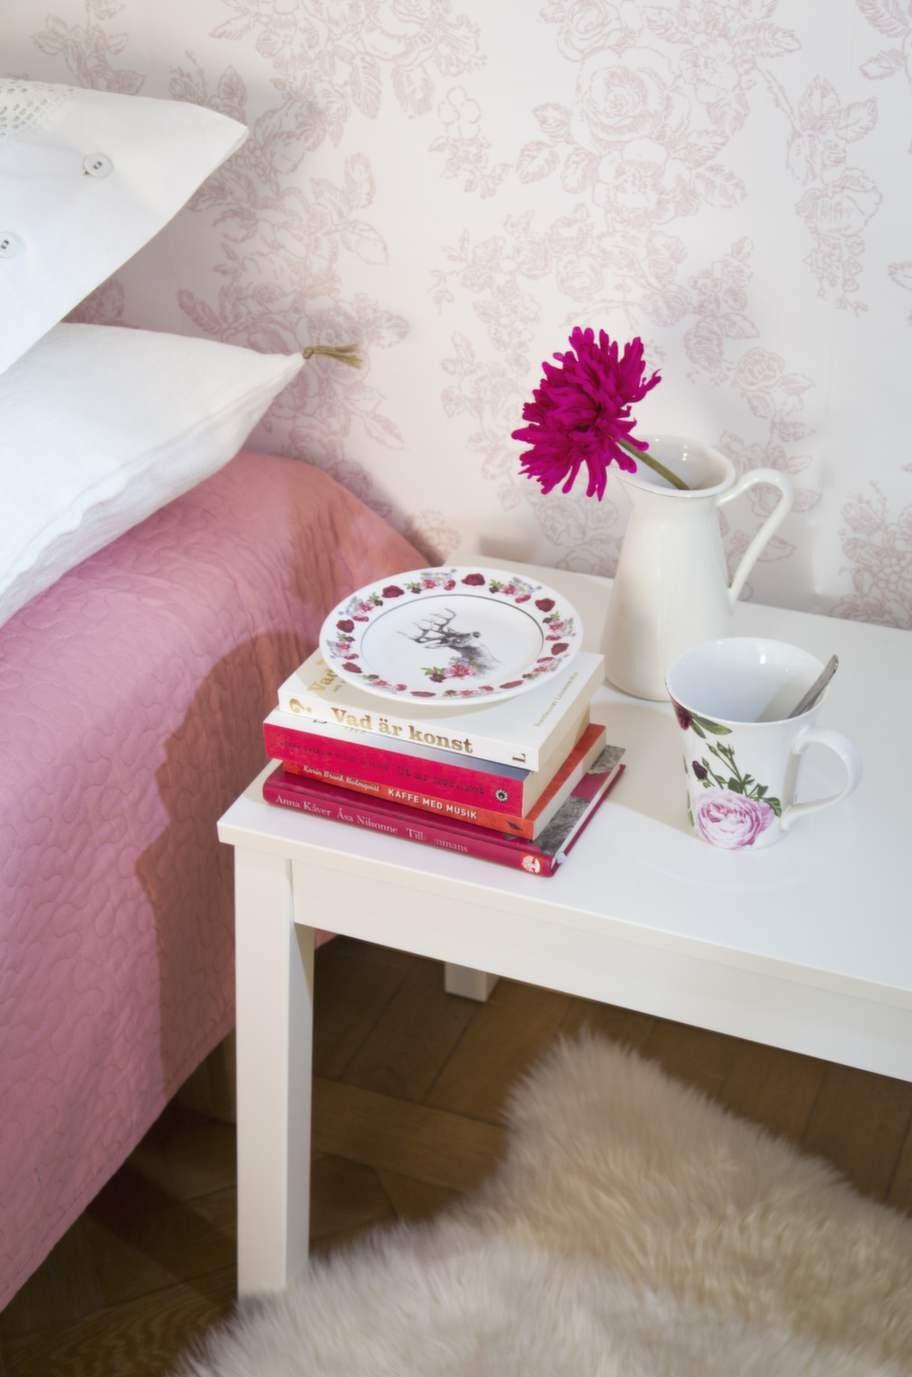 Bänk Sigurd, 599 kronor, kanna Sockerärt, 79 kronor, båda från Ikea. Rosig mugg, 49:50 kronor, fat med djurmotiv, 49:50 kronor, H&M home. På sängen, överkast Alina, 449 kronor Ikea.